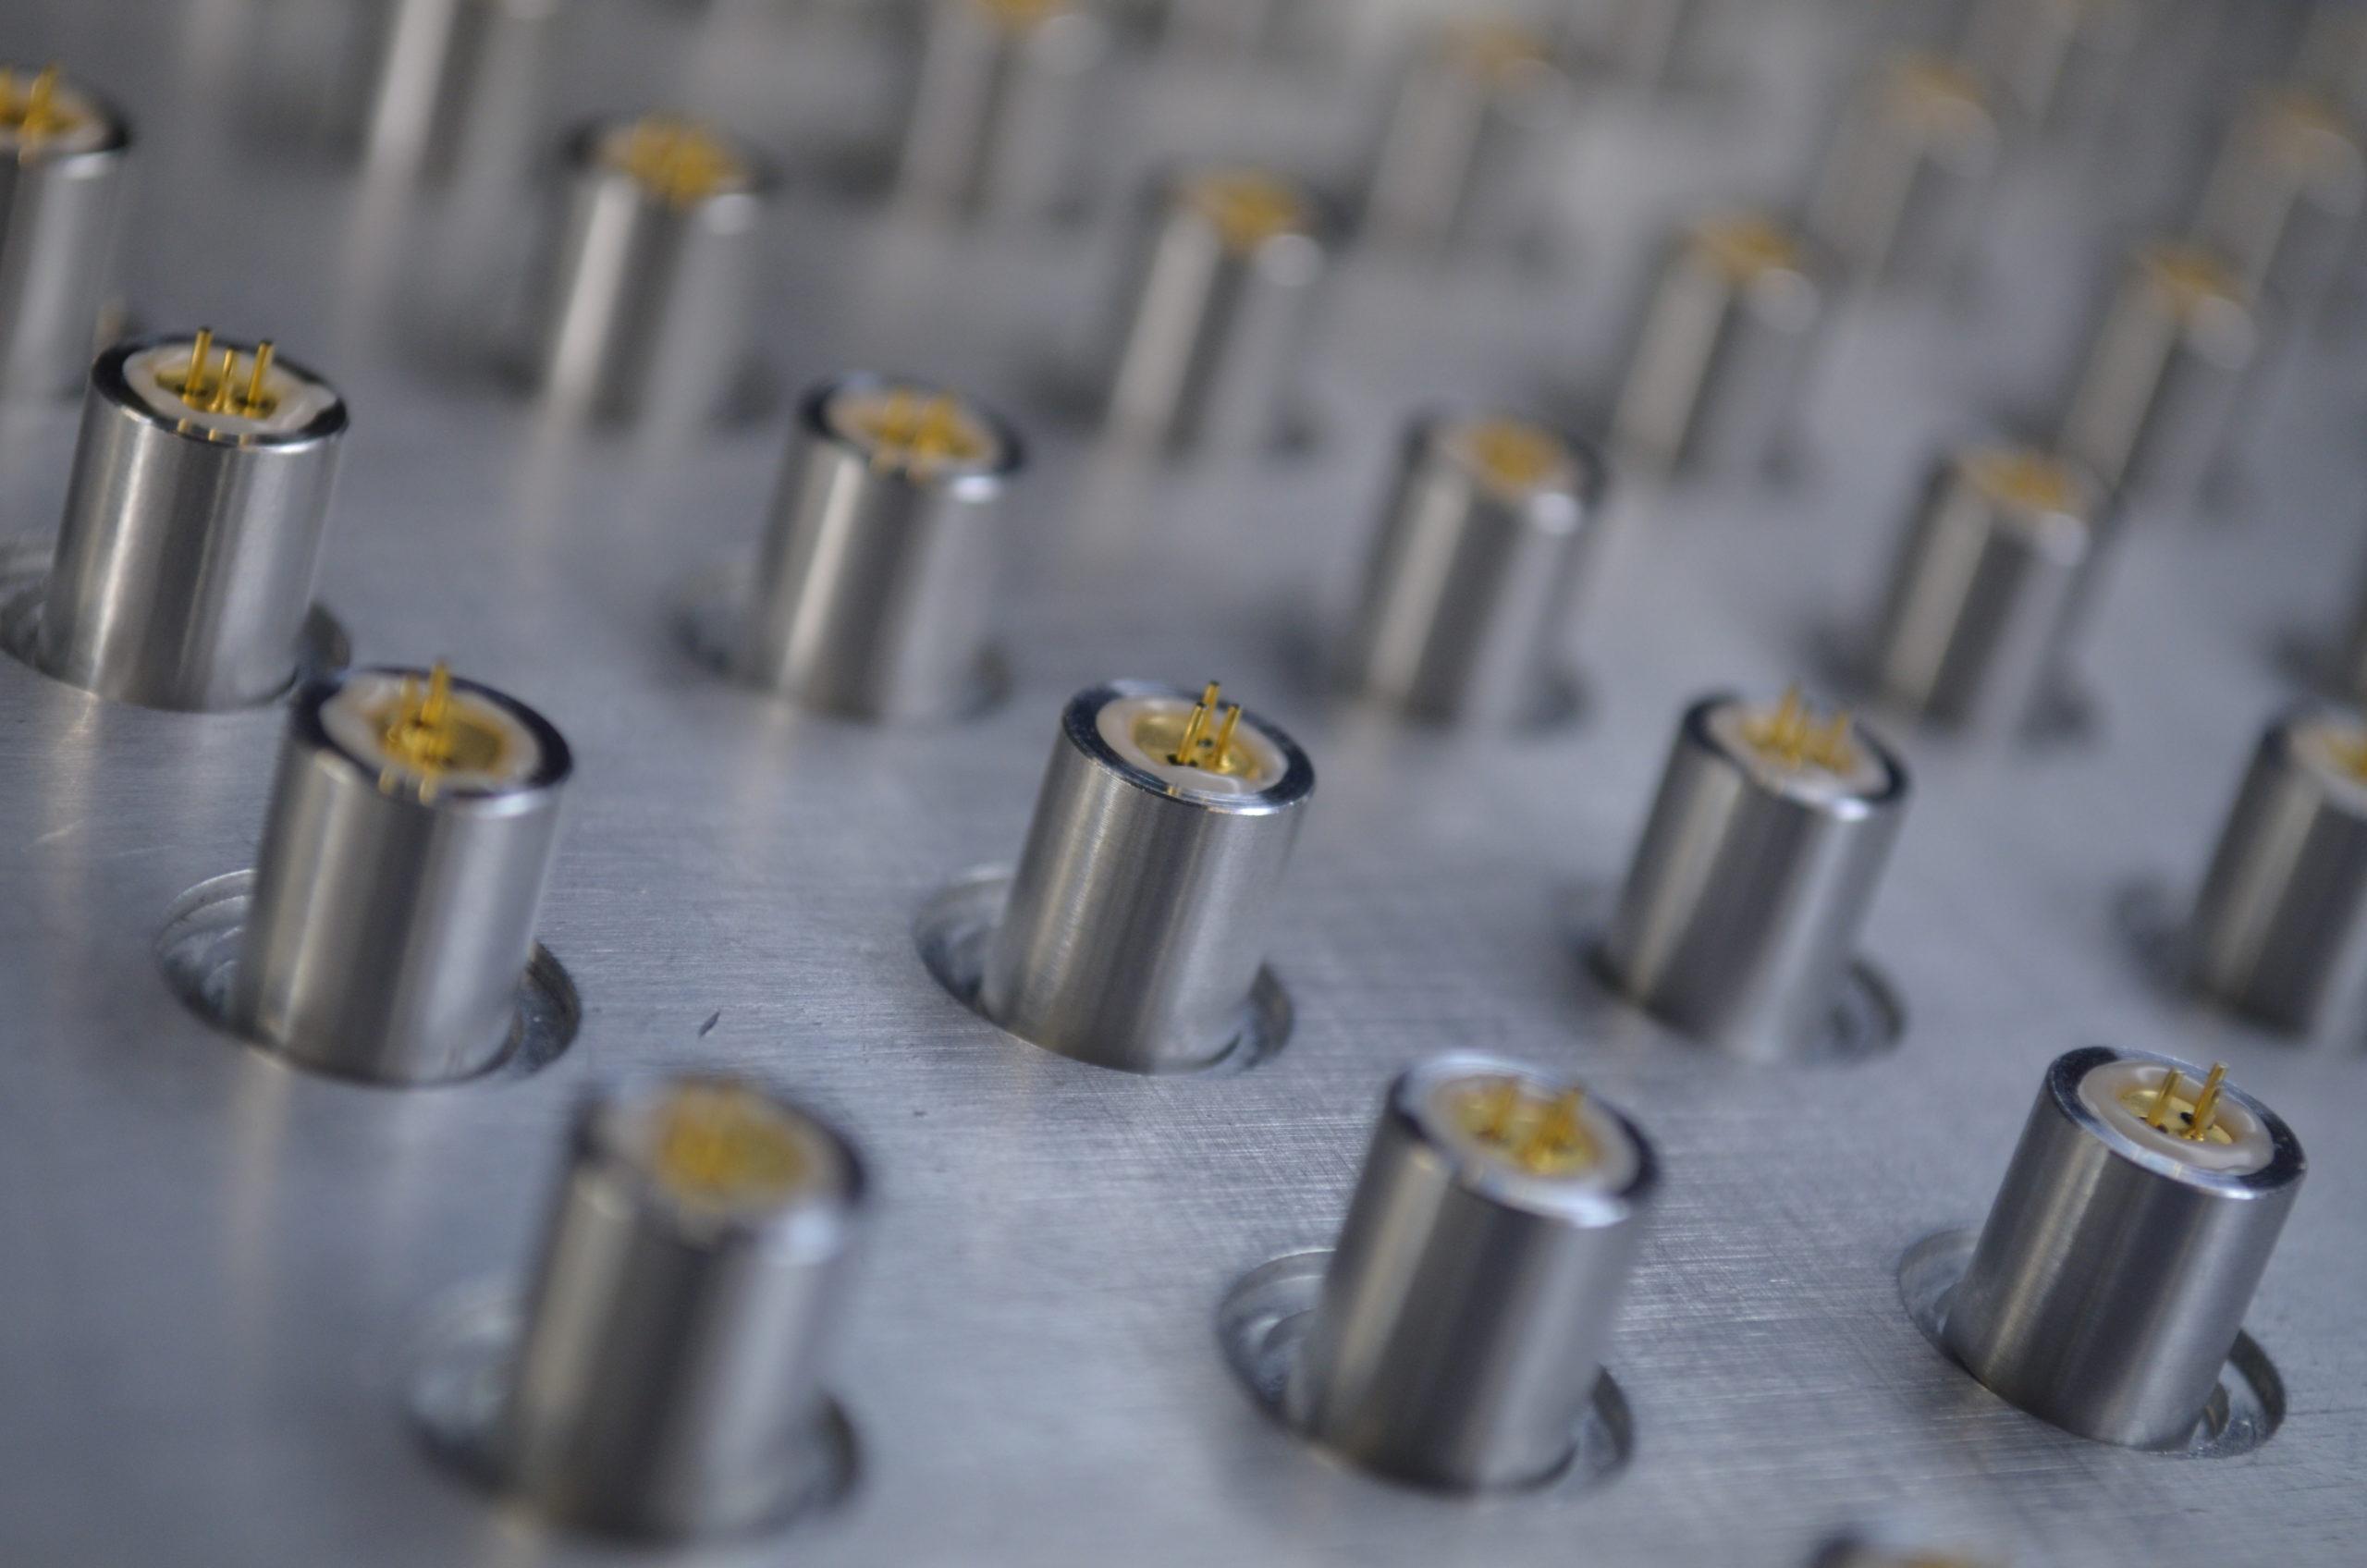 OEM laser diodes